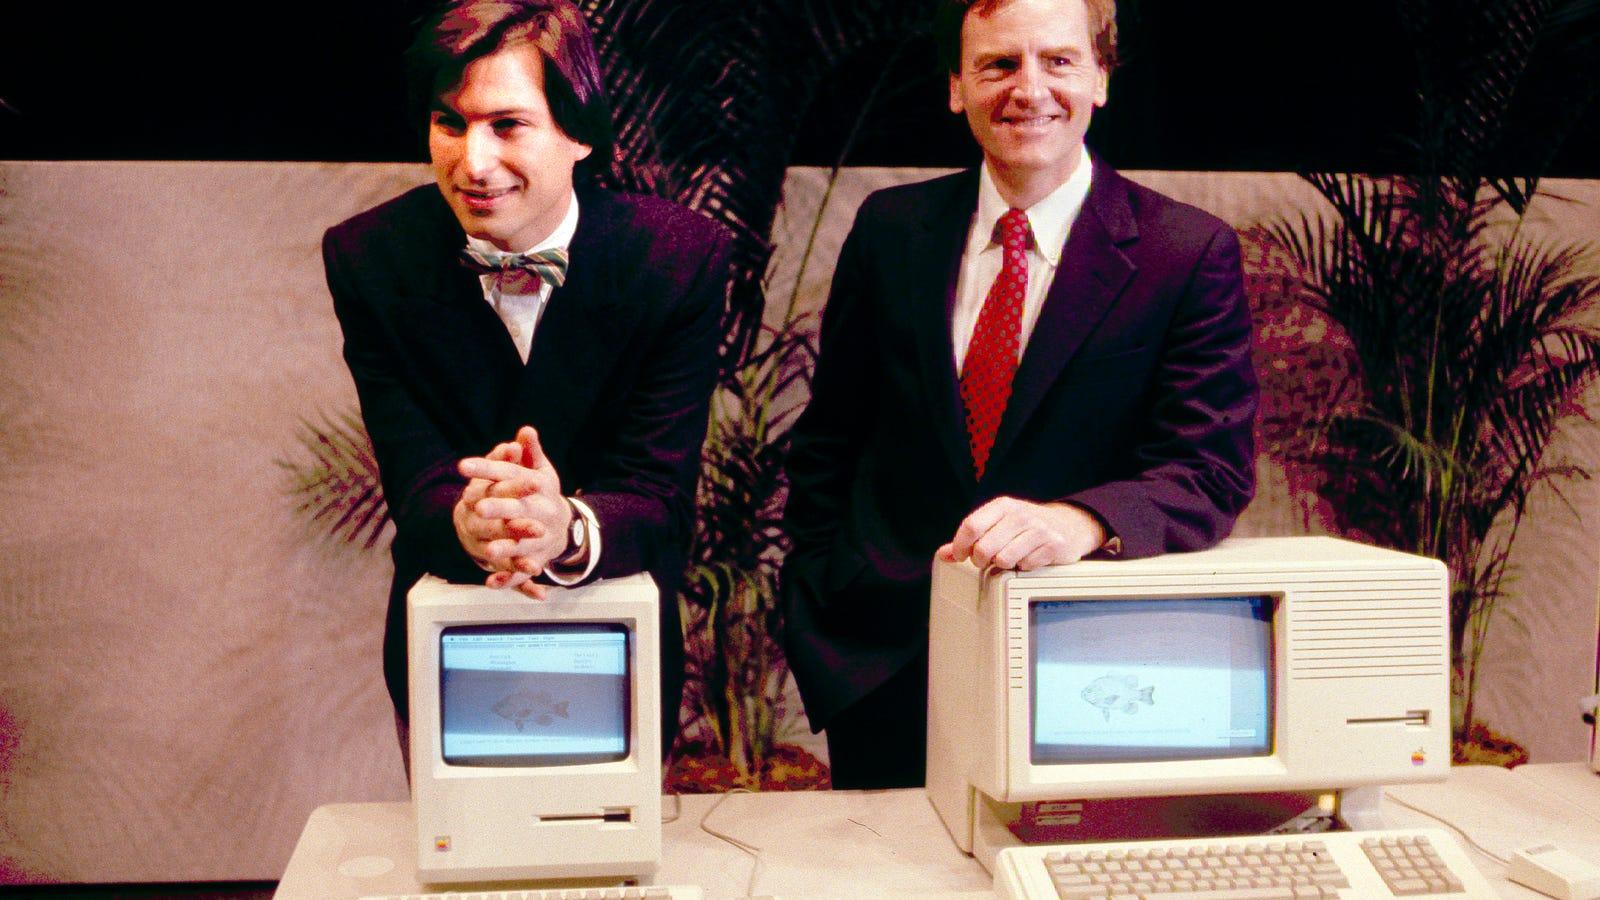 Así fue la presentación del primer Macintosh hace hoy 30 años